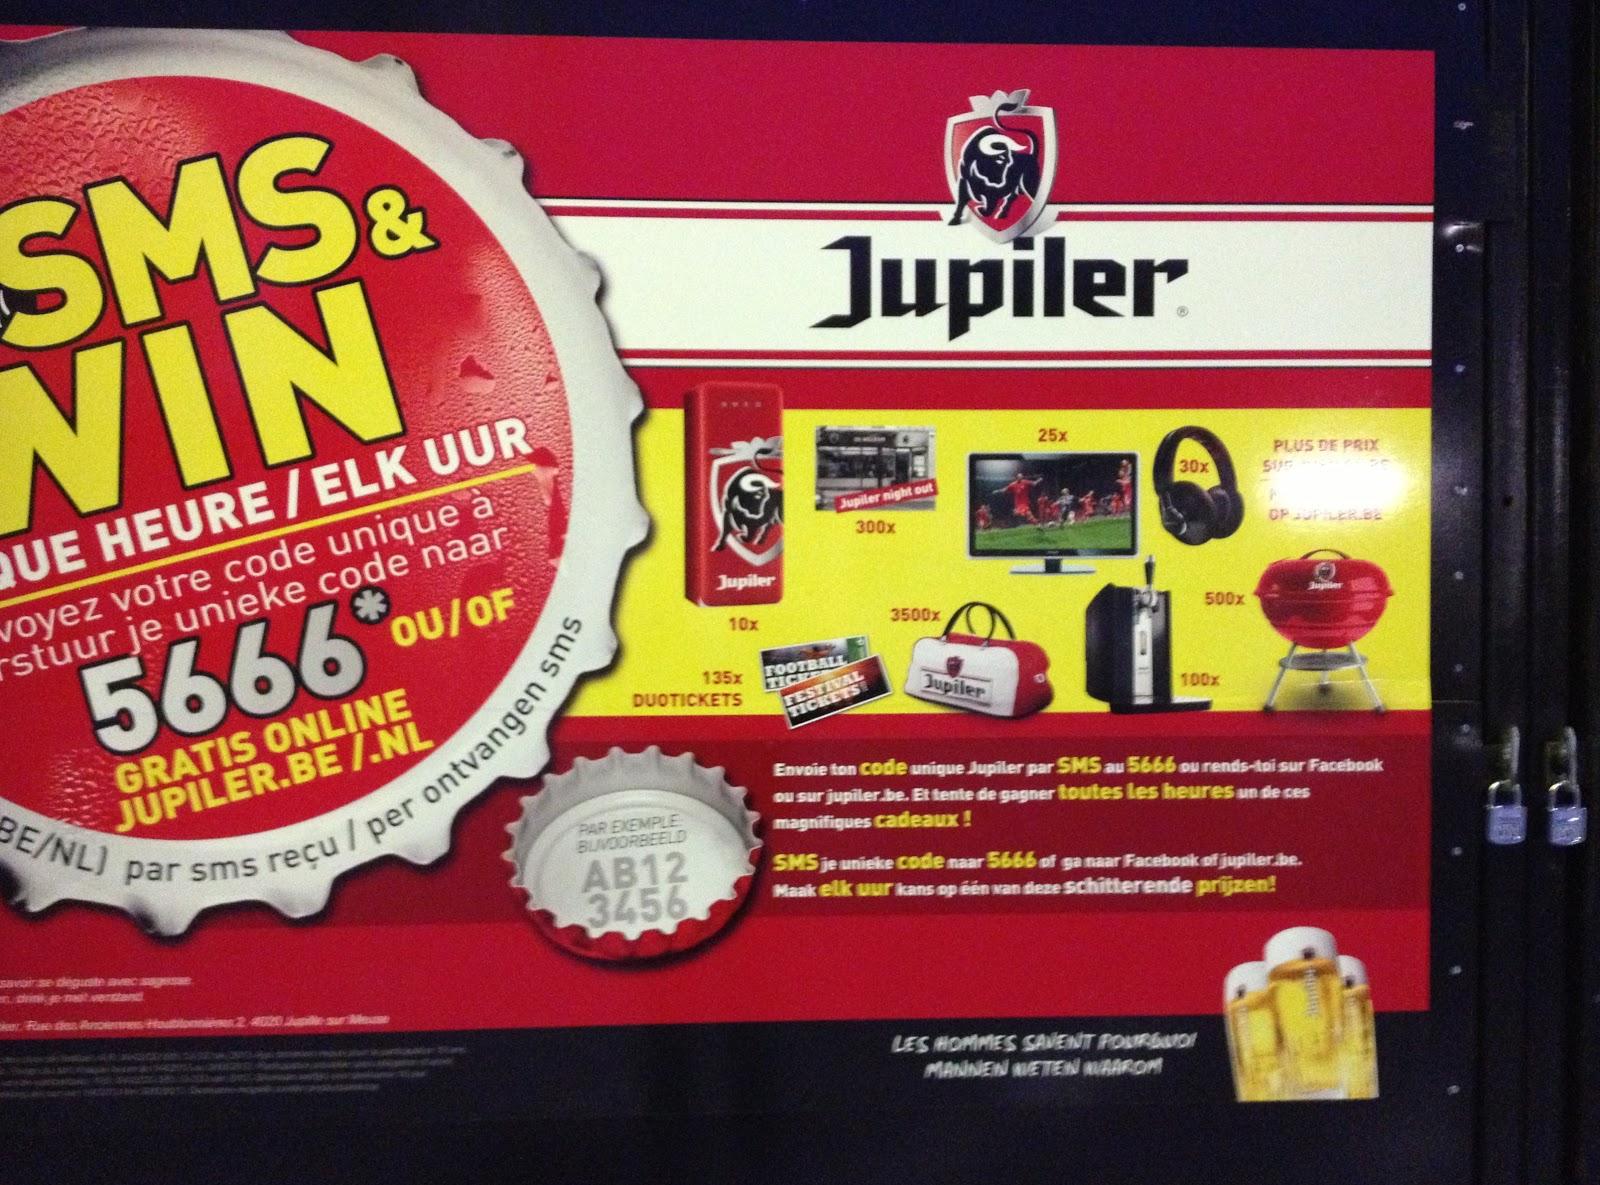 Jupiler coupons